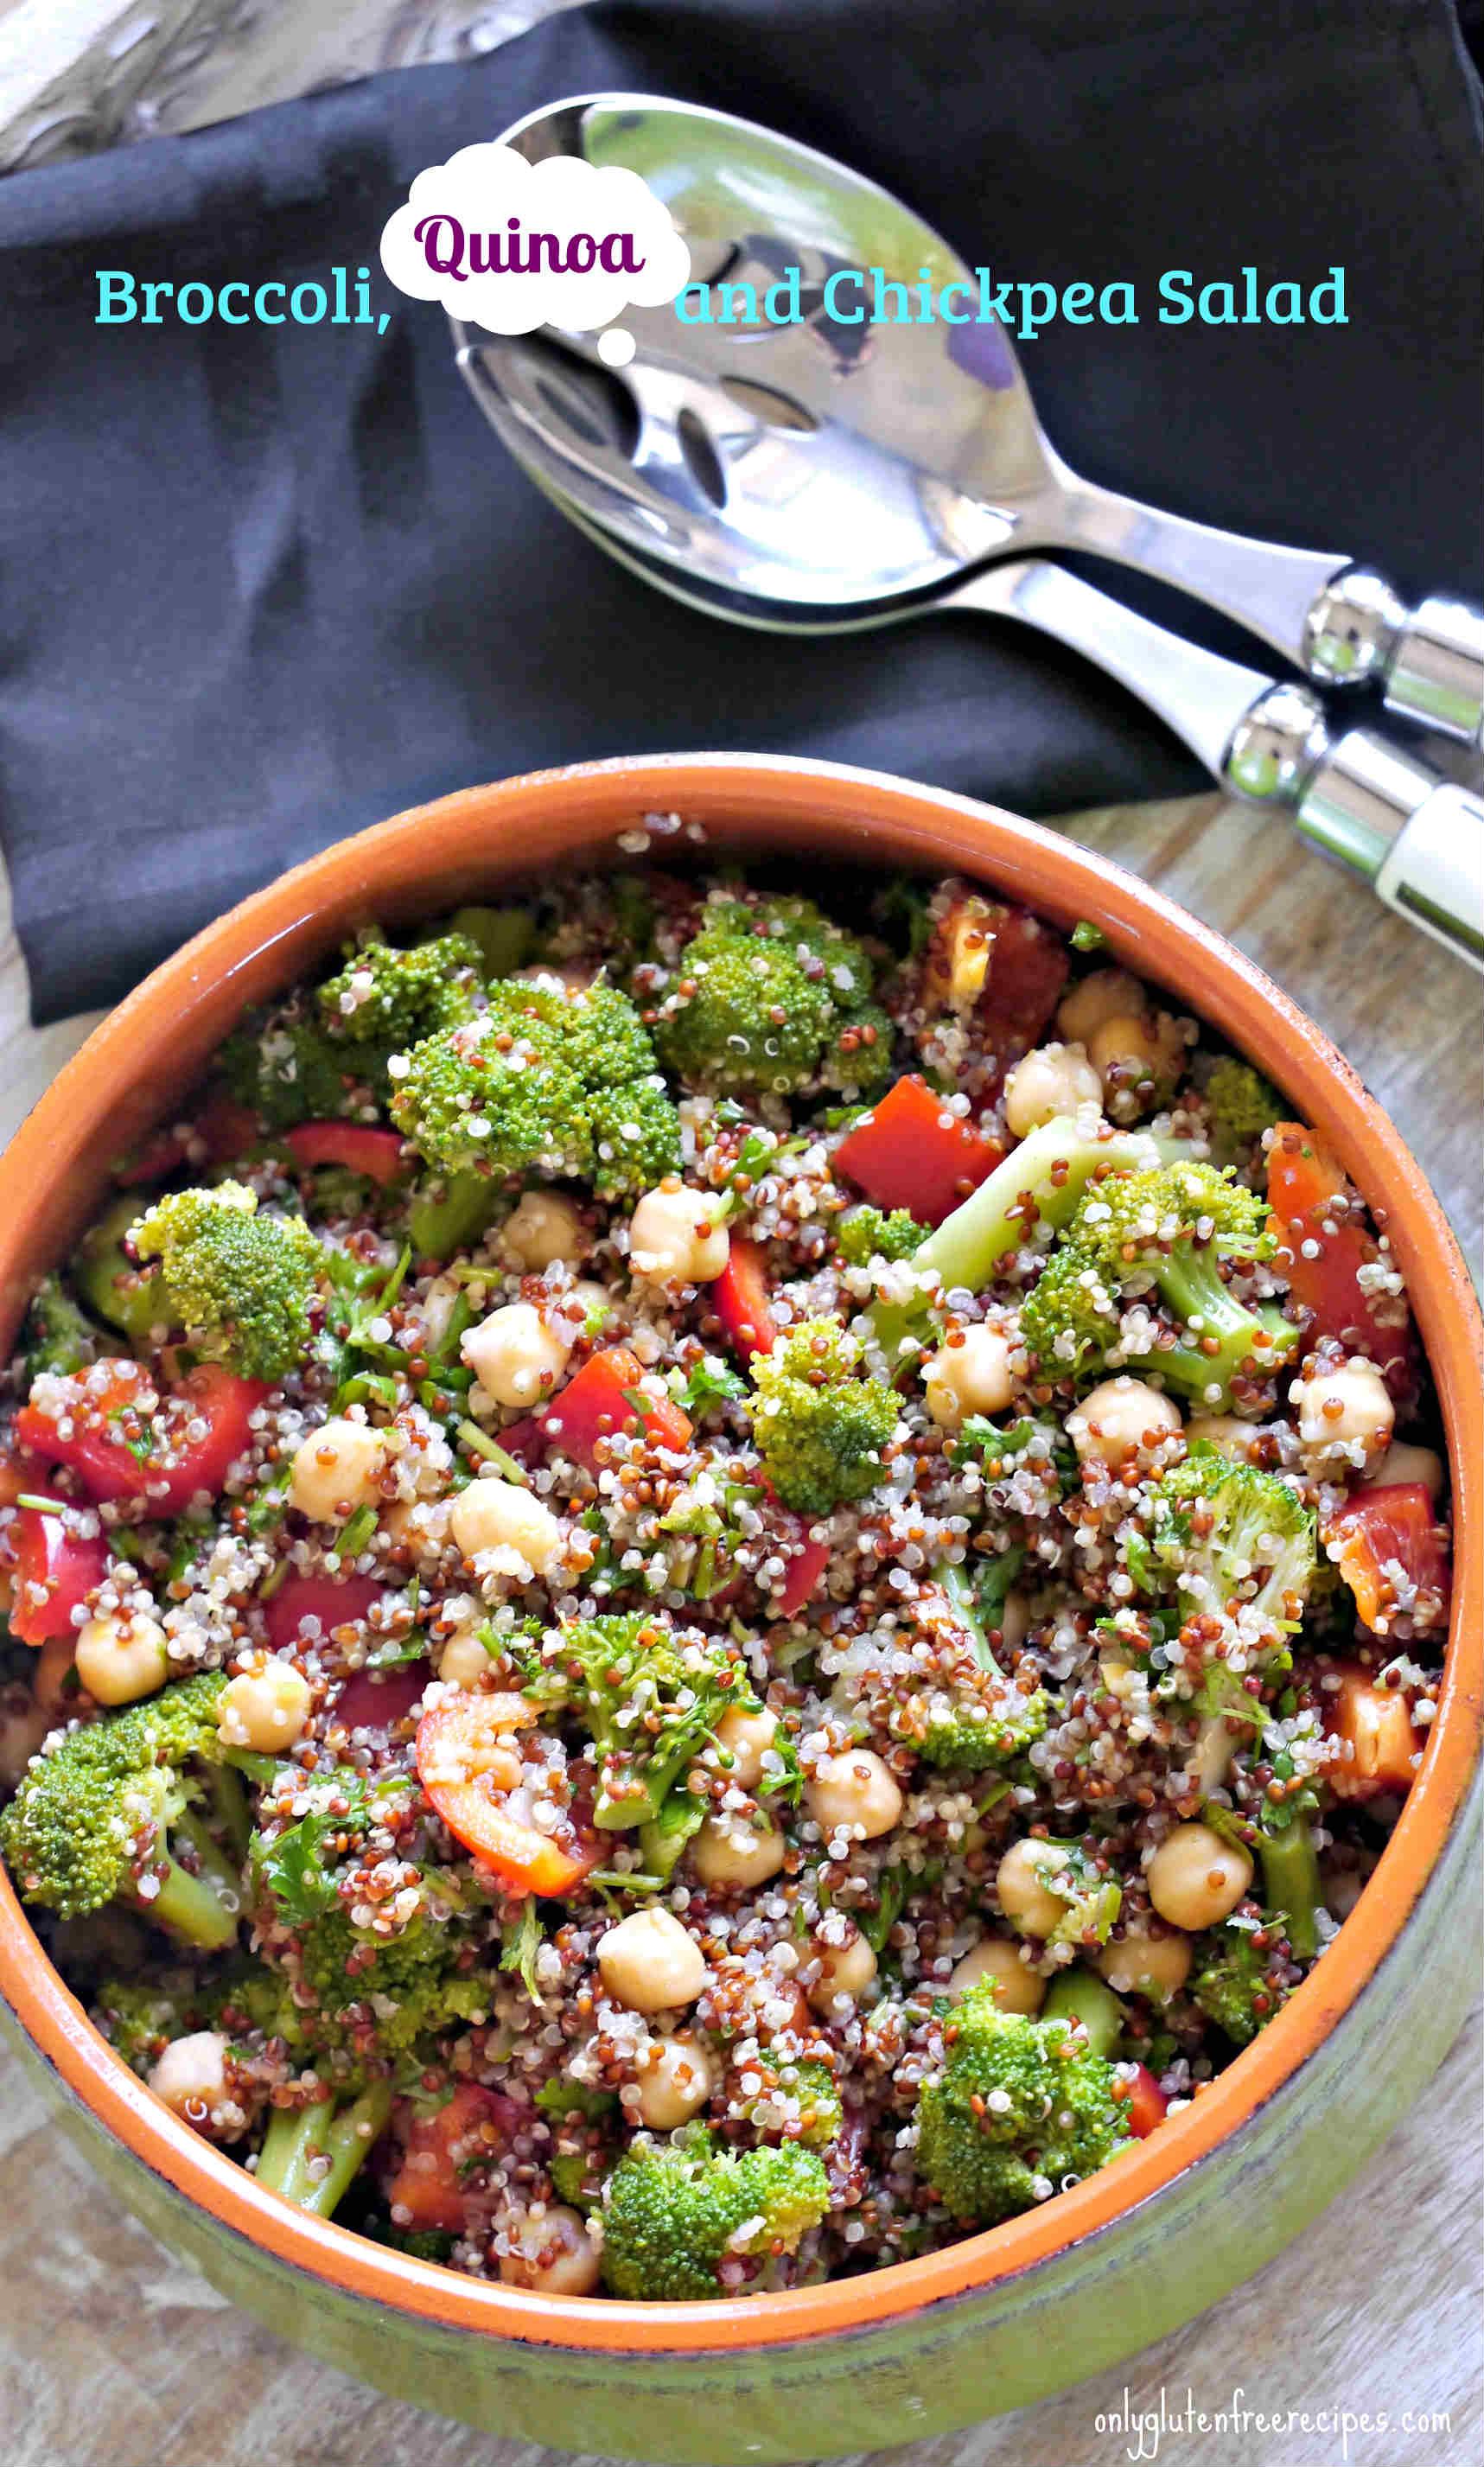 Broccoli, Quinoa and Chickpea Salad